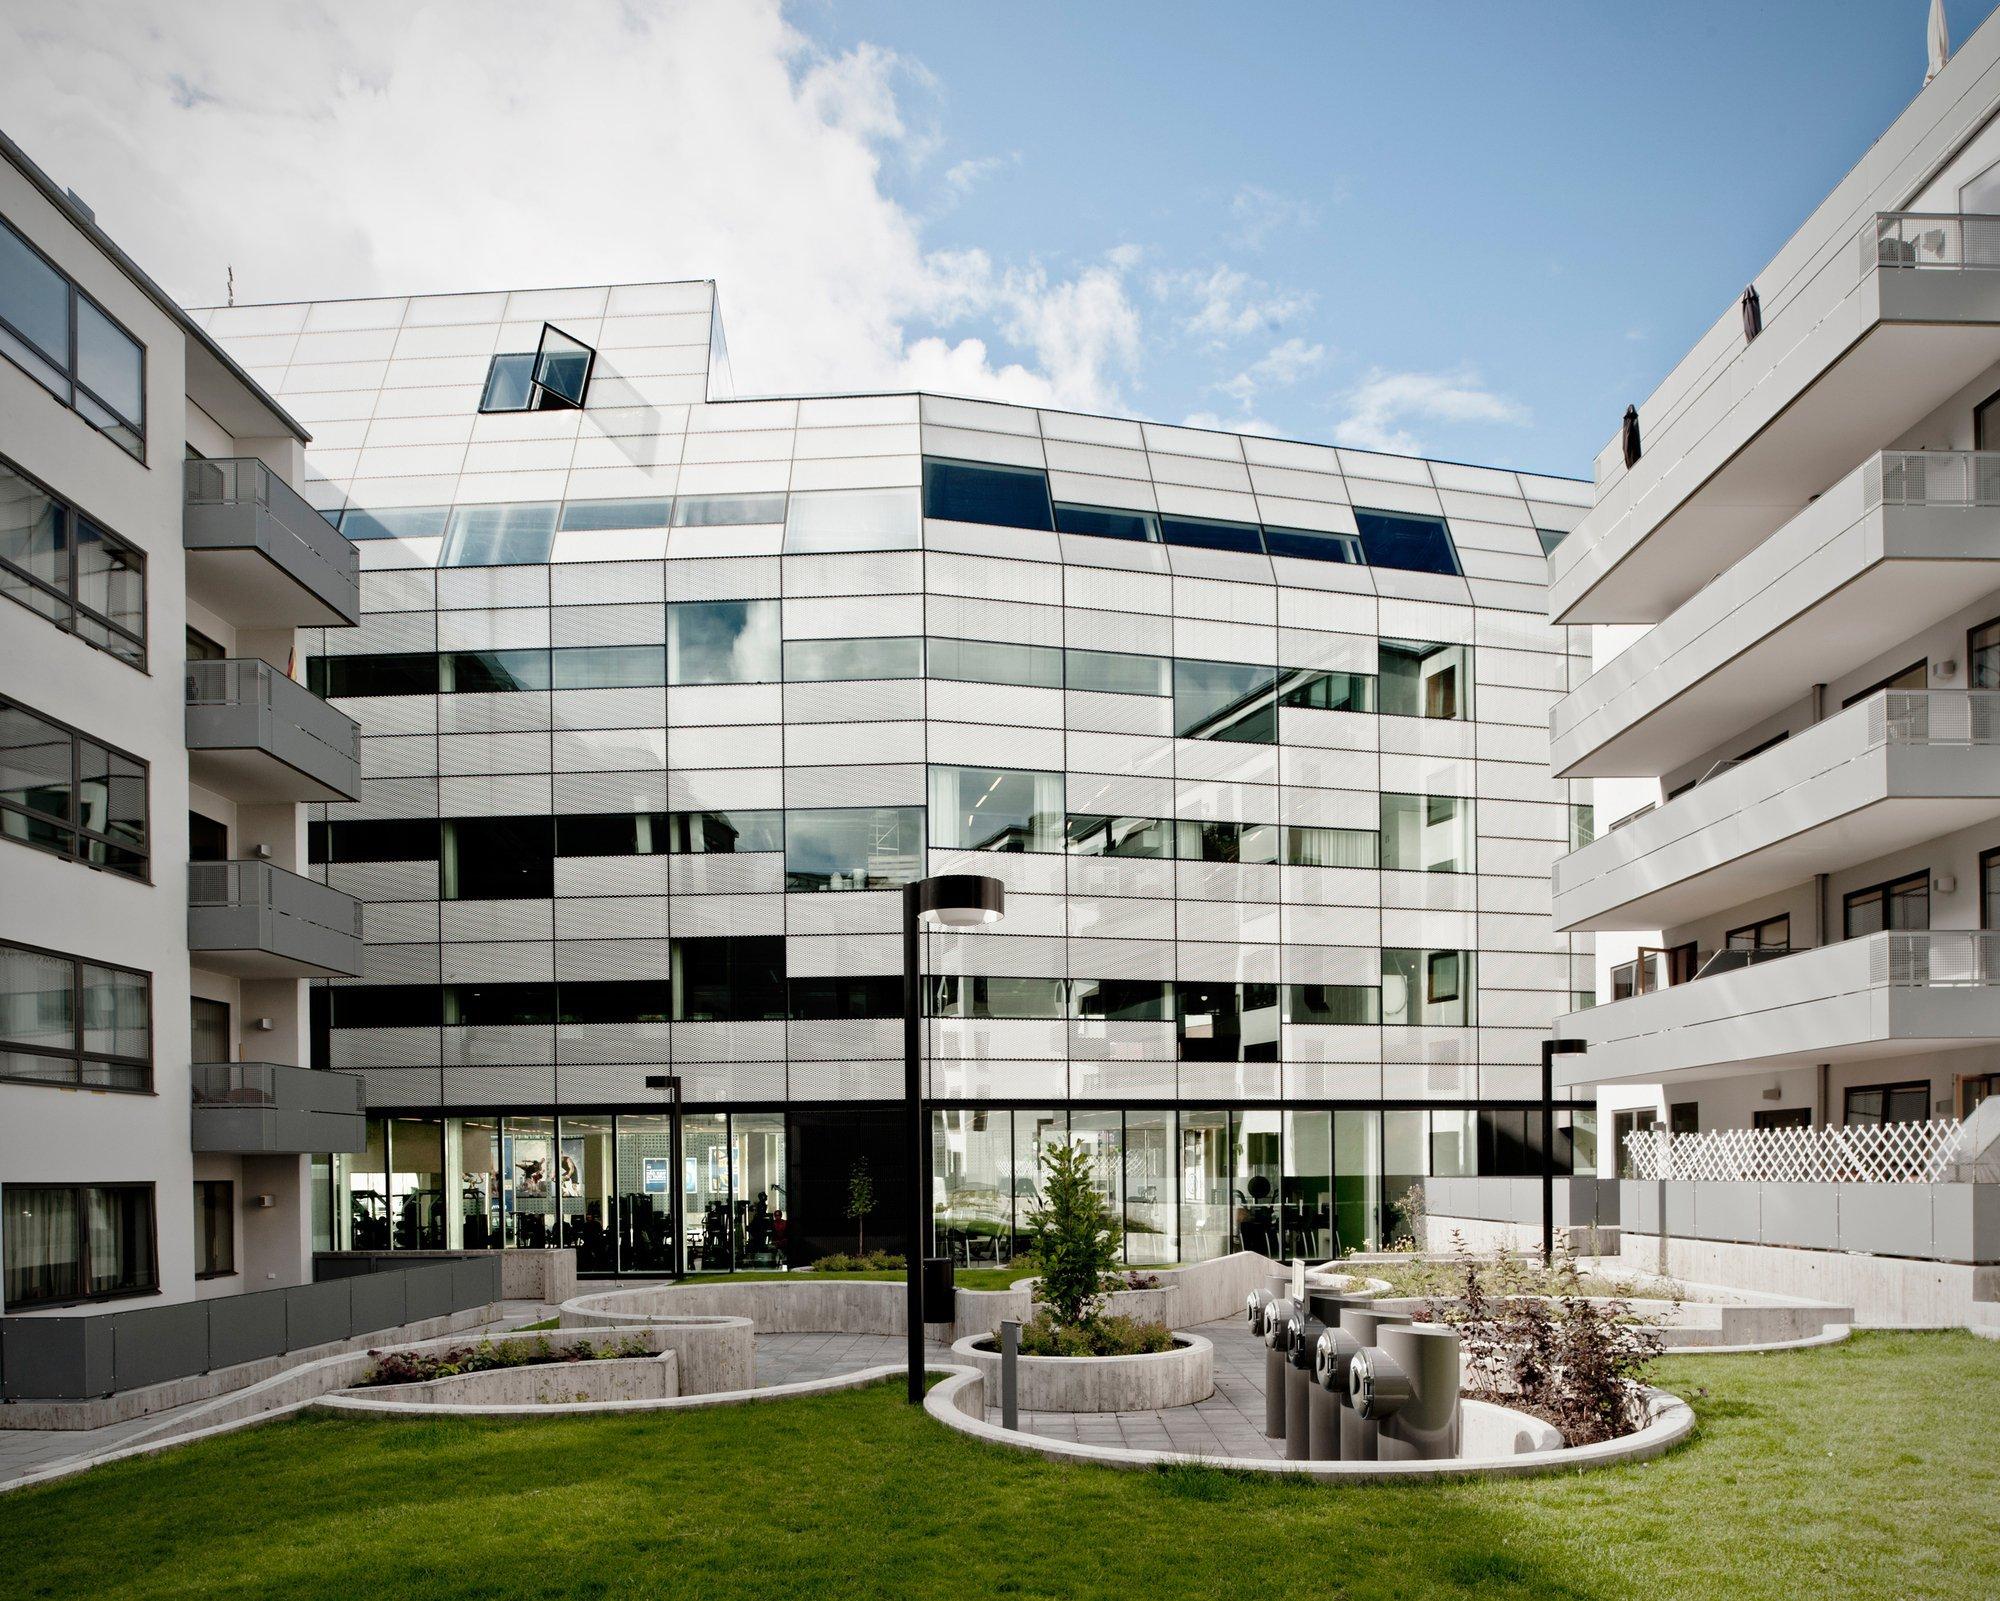 Galer a de edificio de oficinas m ltaren rosenbergs for Edificio oficinas